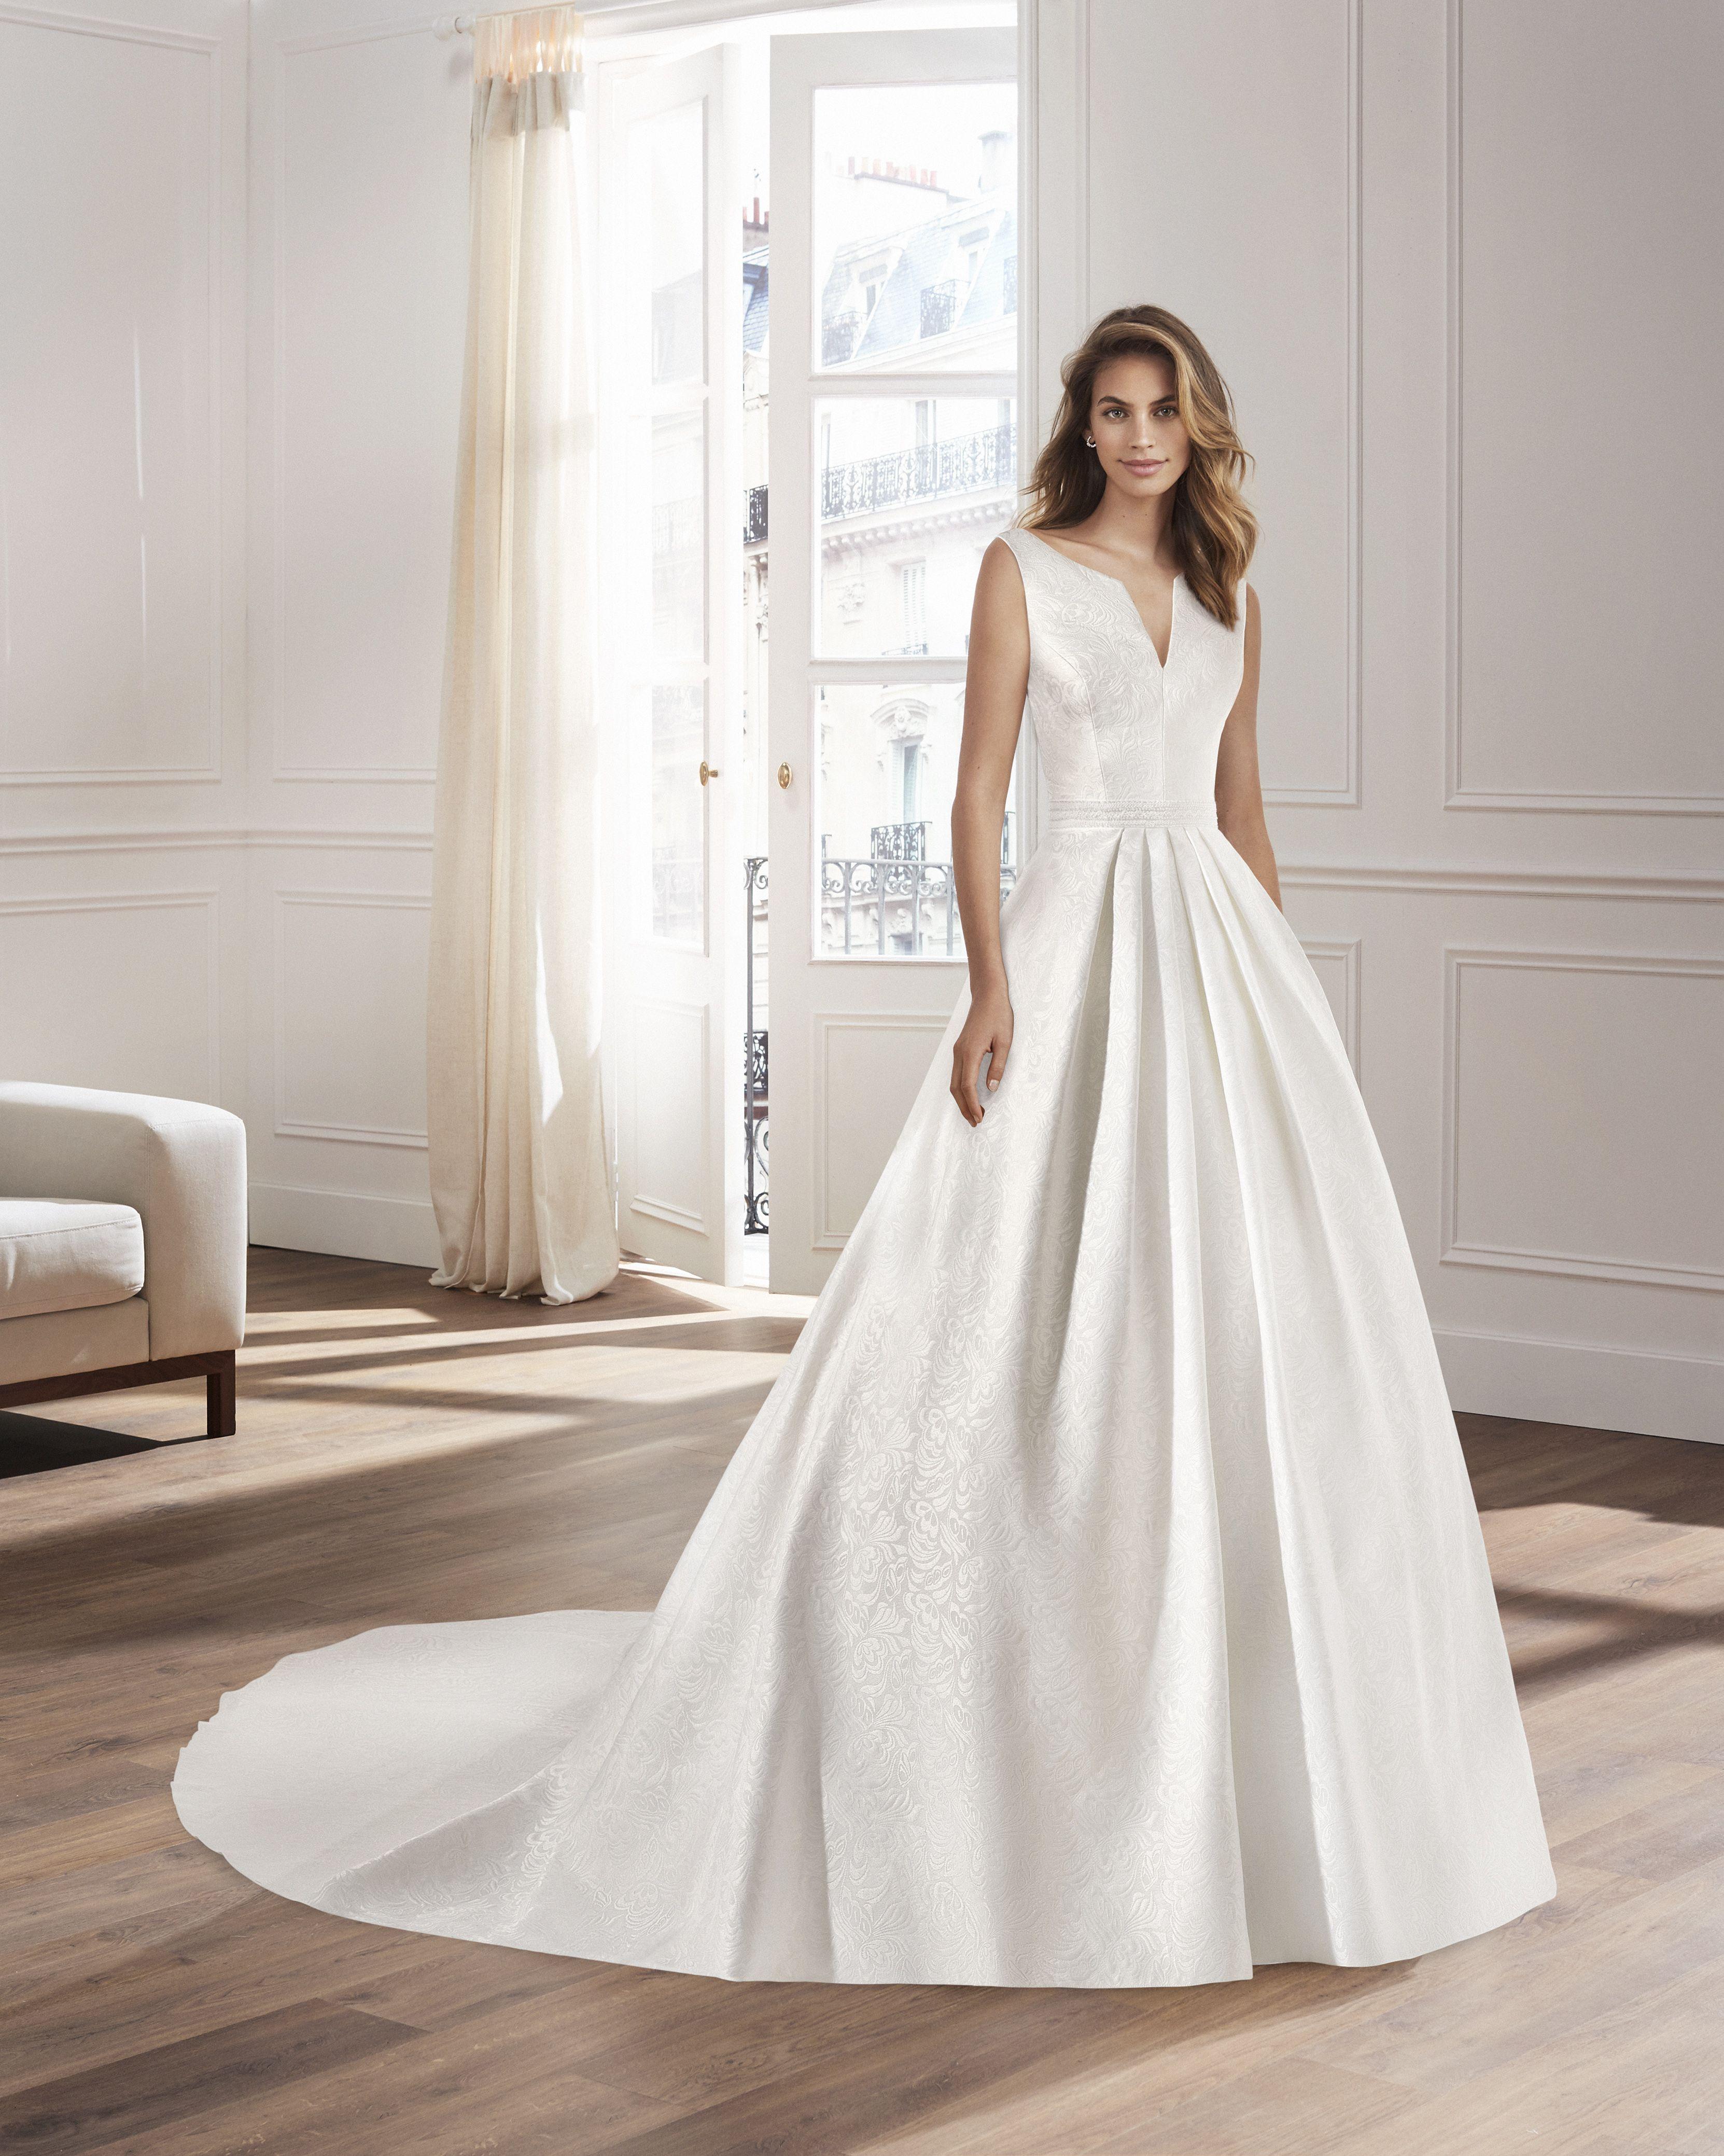 17bc224ac2 Yvette Lunanovias by Rosa Clarà Un'abito da sposa ampio in broccato ...